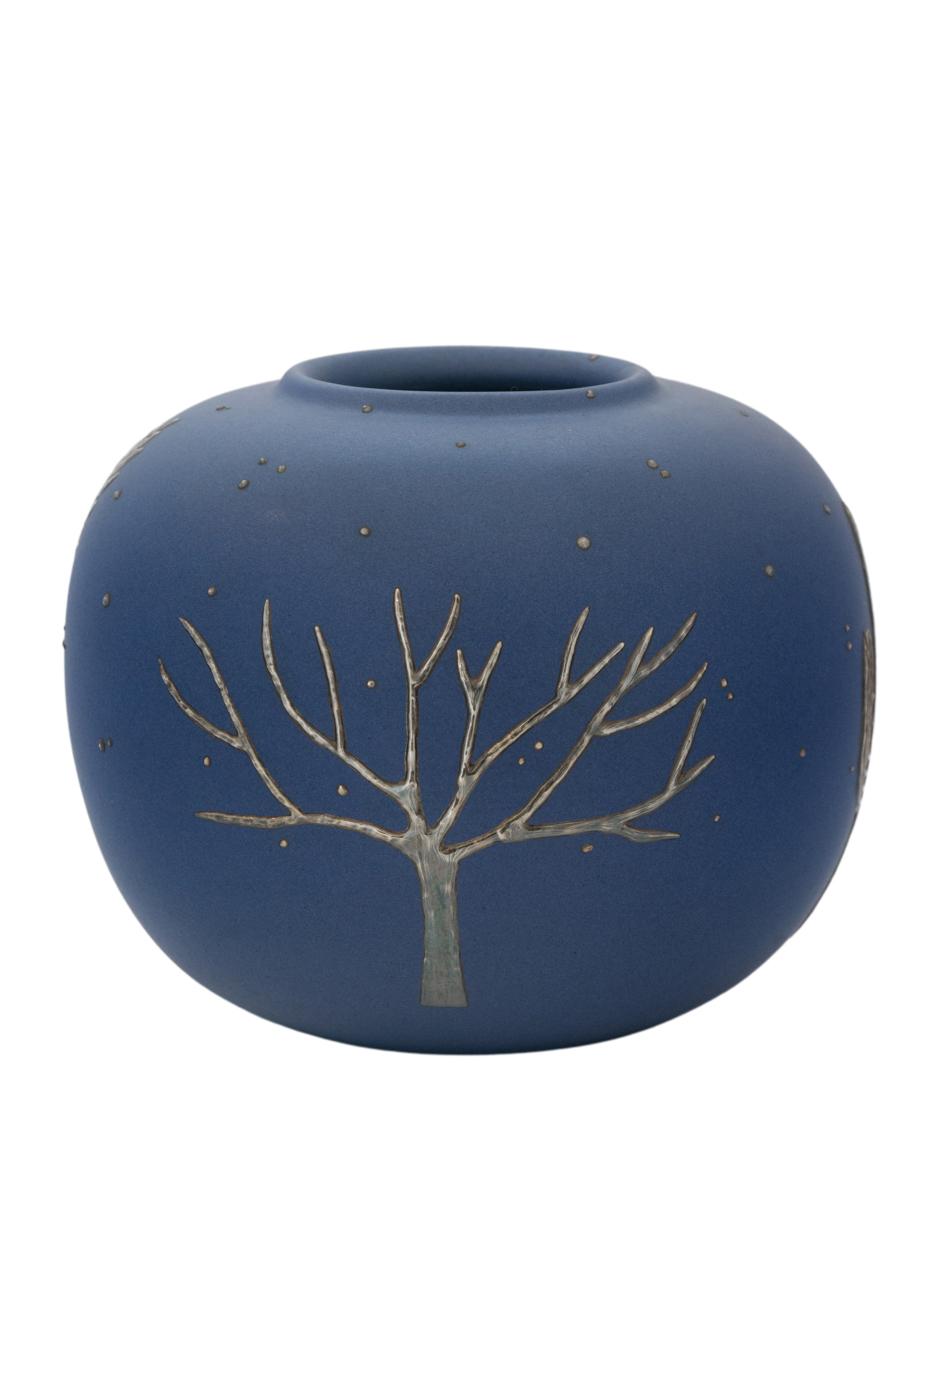 Jarrón decorativo en ceramica y plata-azul